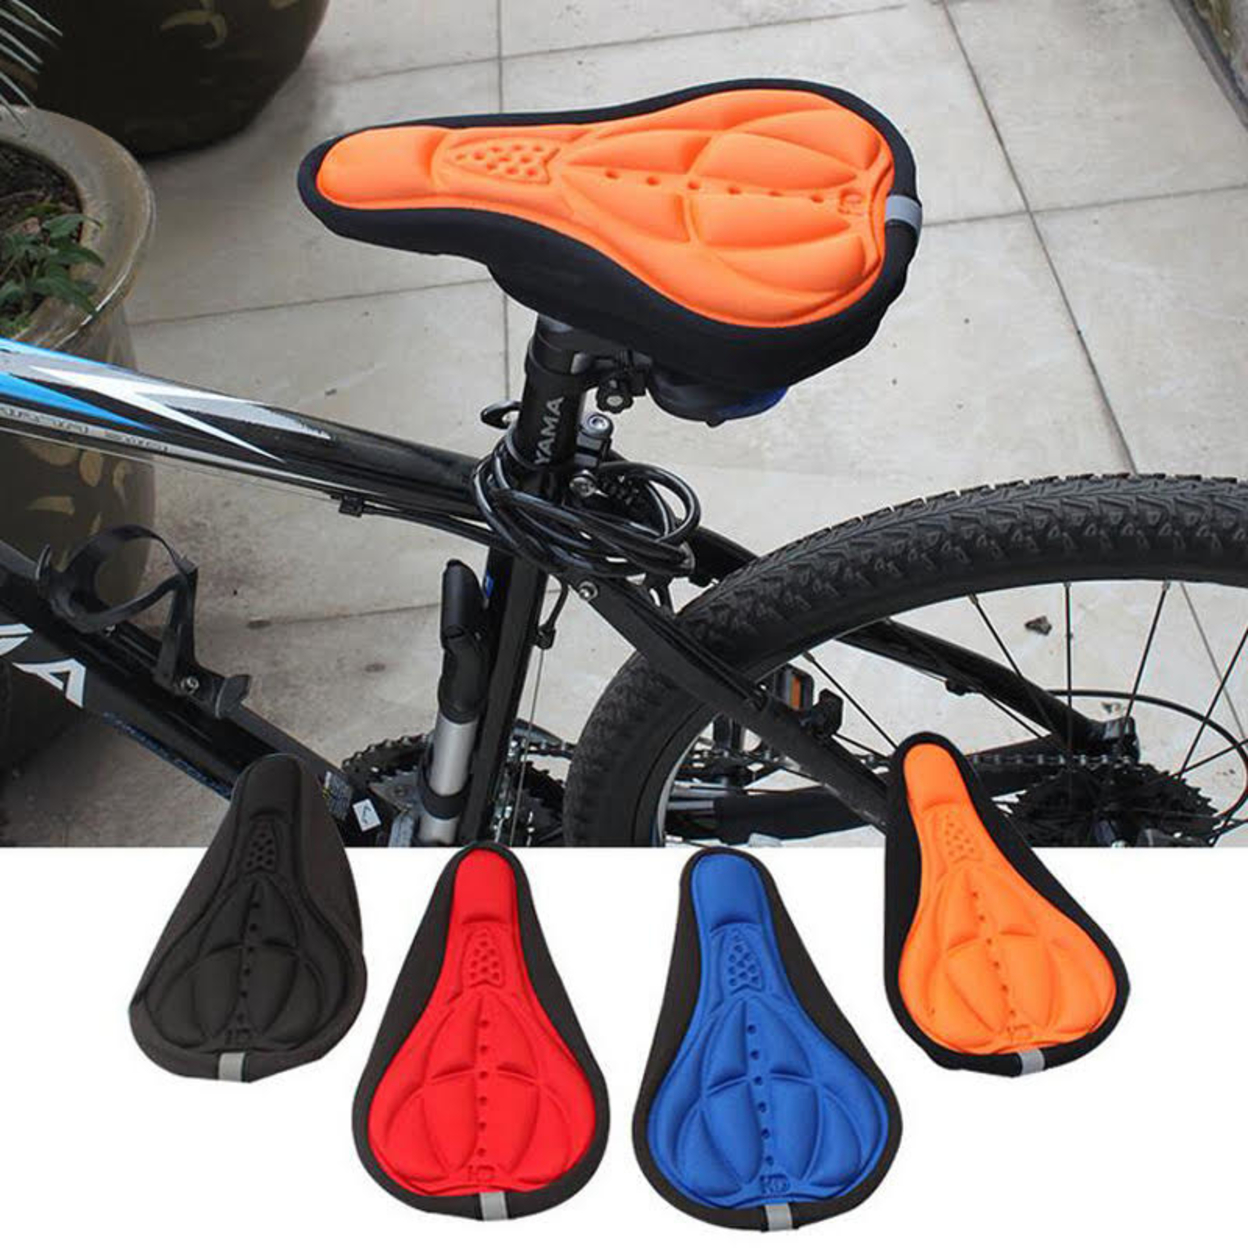 Bike Seat Cover - Black 57f50d1ccaccdd1ec8527760